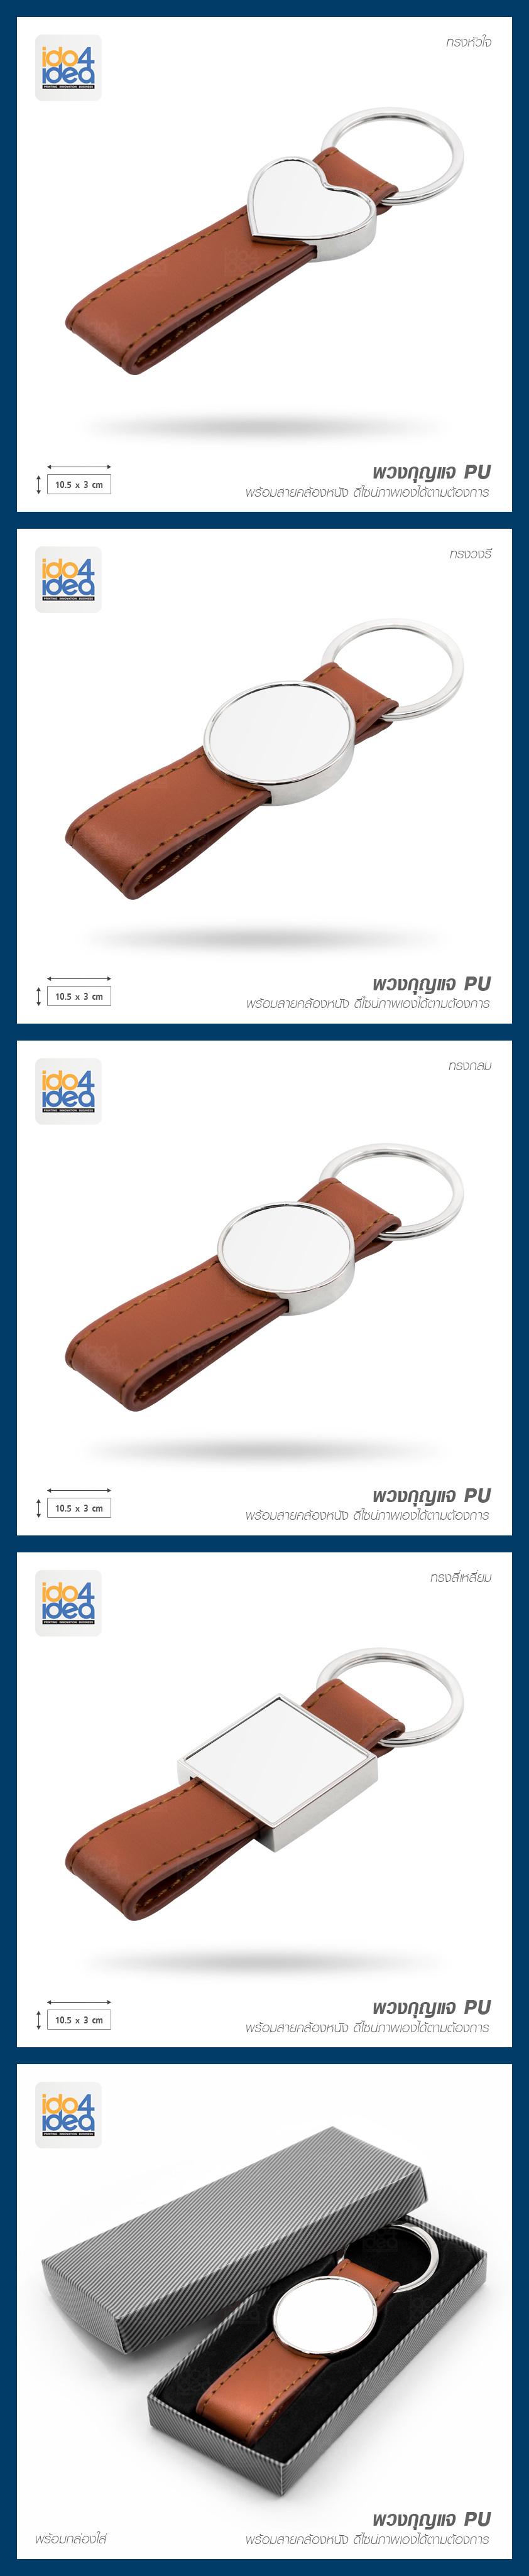 พวงกุญแจ PU สีน้ำตาล พร้อมสายคล้องหนัง